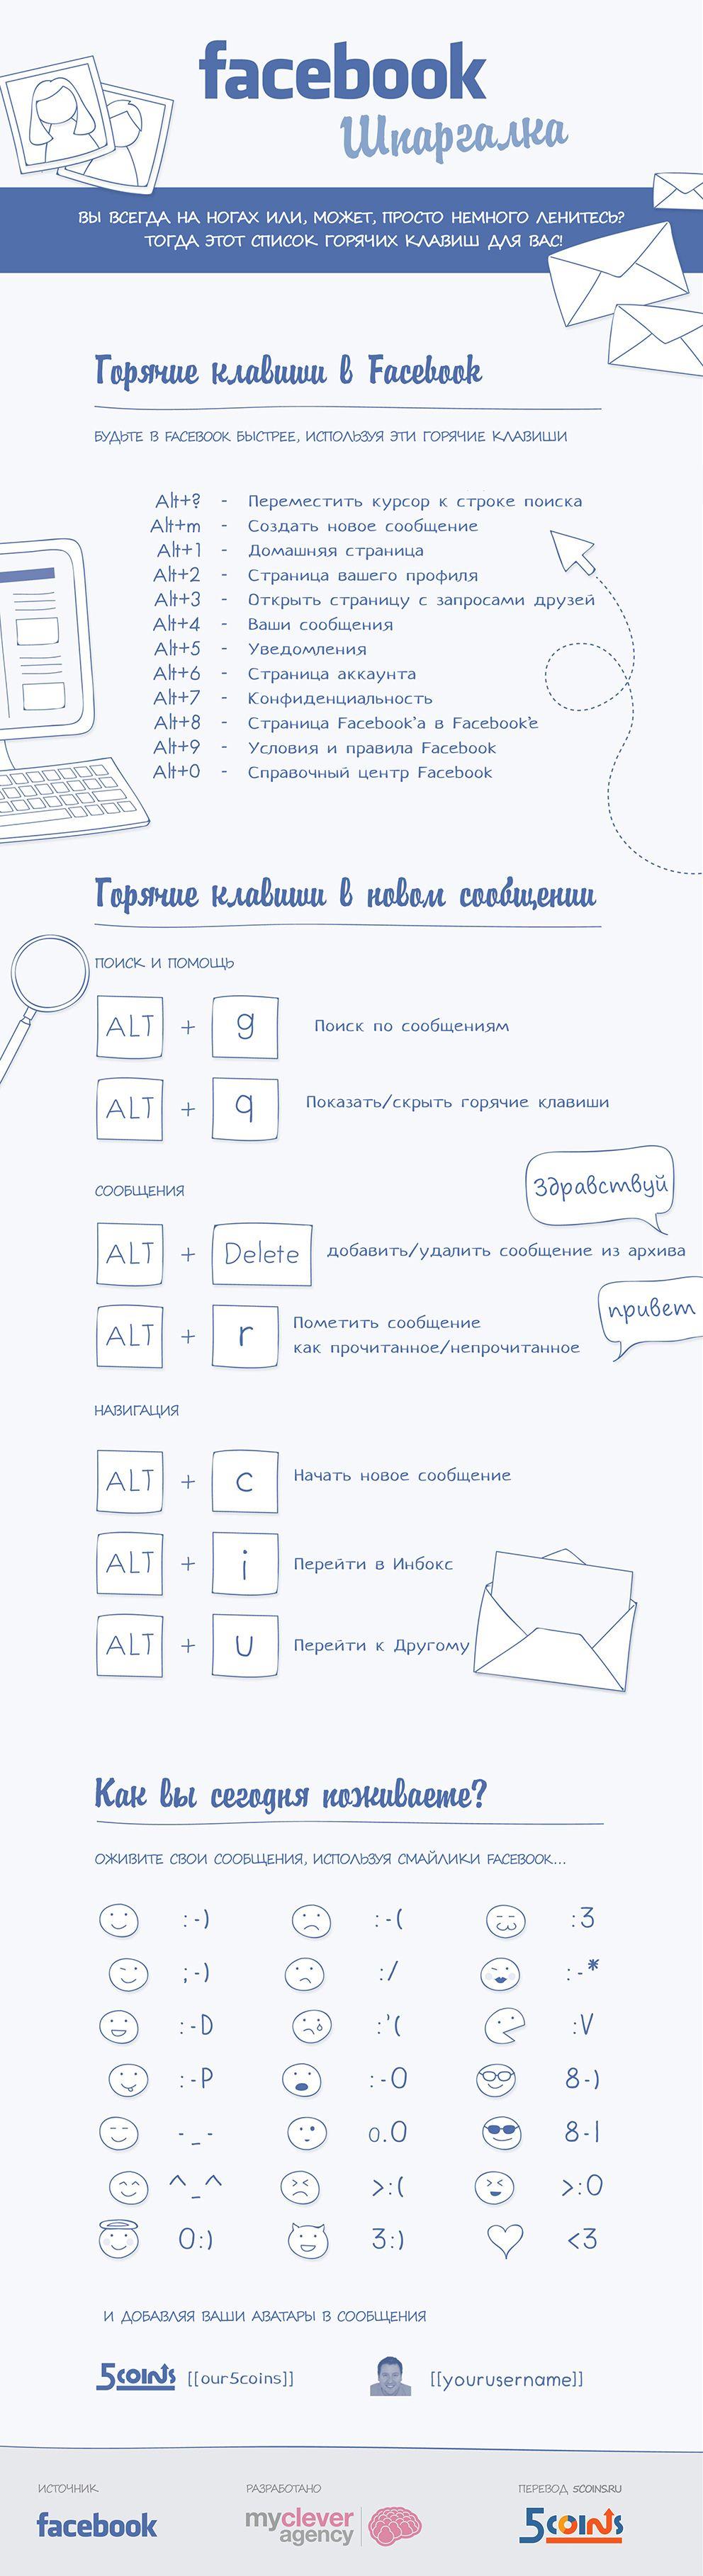 Инфографика: Шпаргалка для Facebook